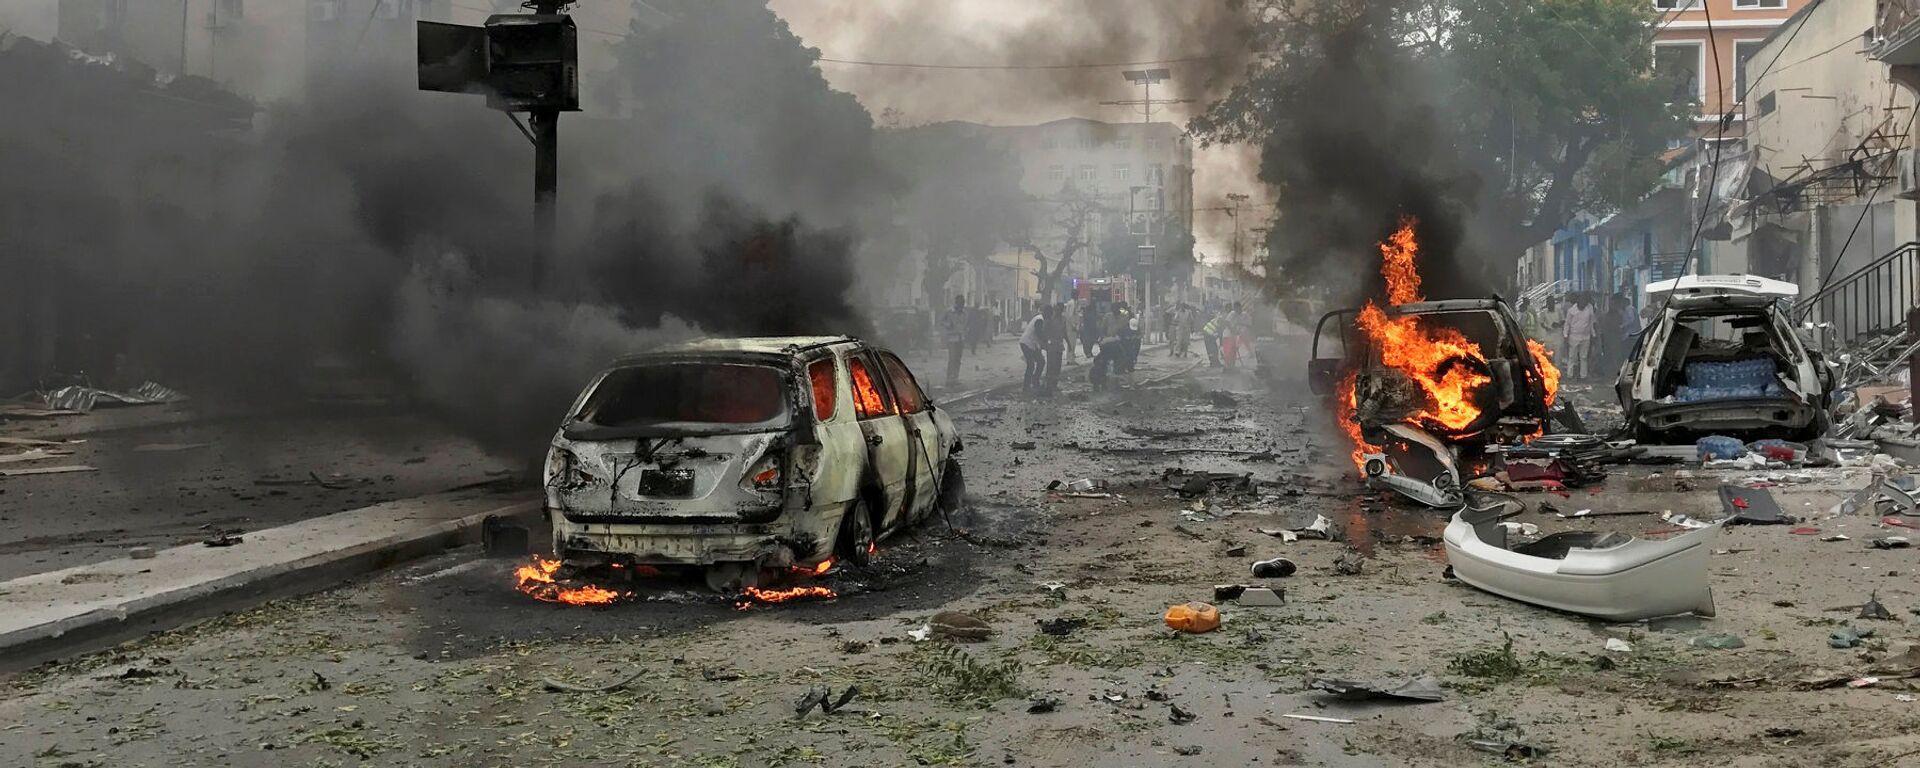 La explosión de un coche bomba en Mogadiscio (archivo) - Sputnik Mundo, 1920, 25.09.2021